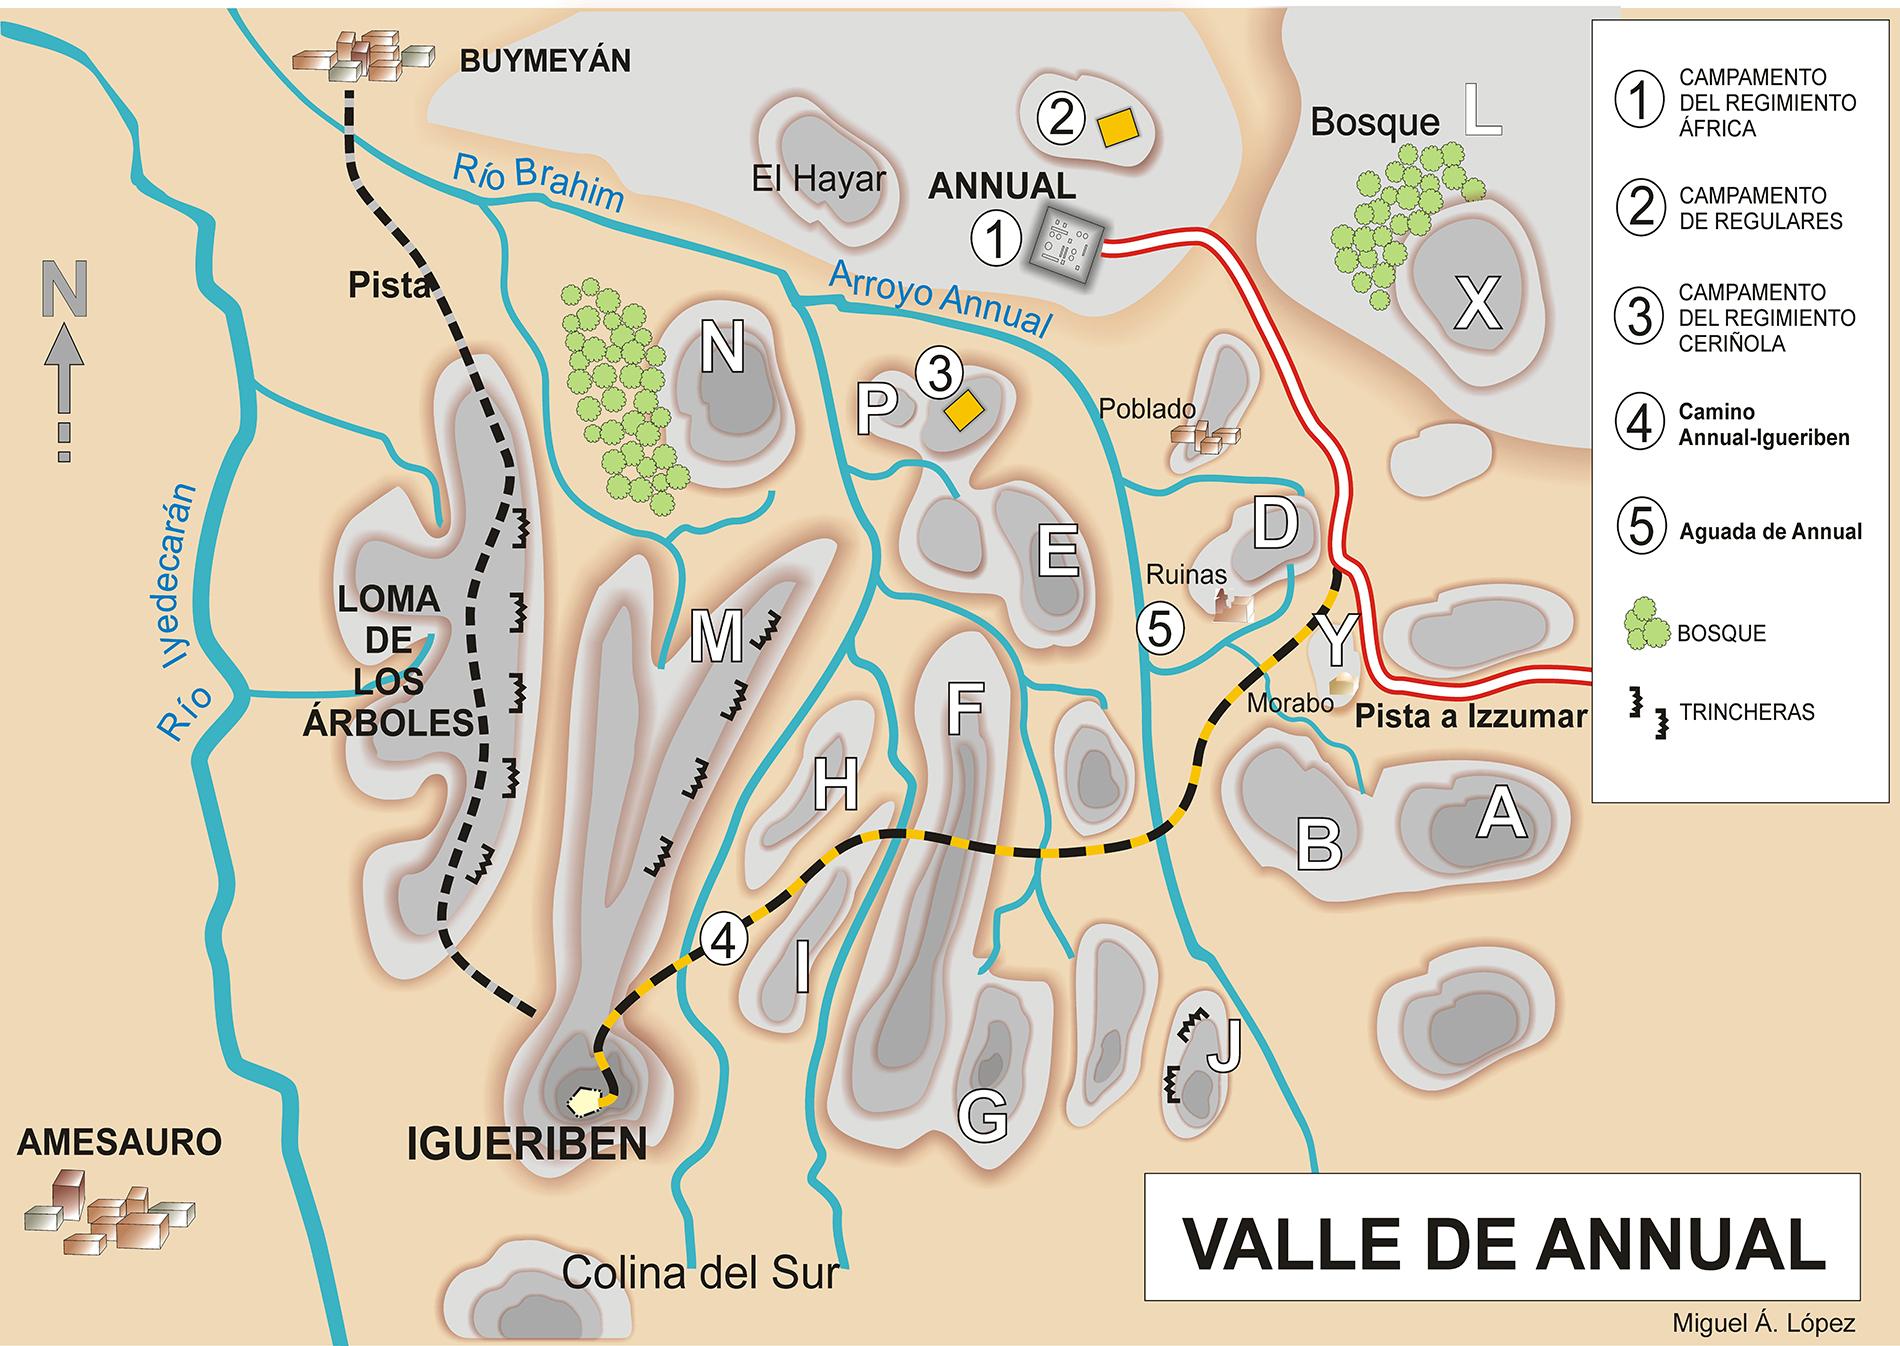 Mapa que muestra el valle de Annual